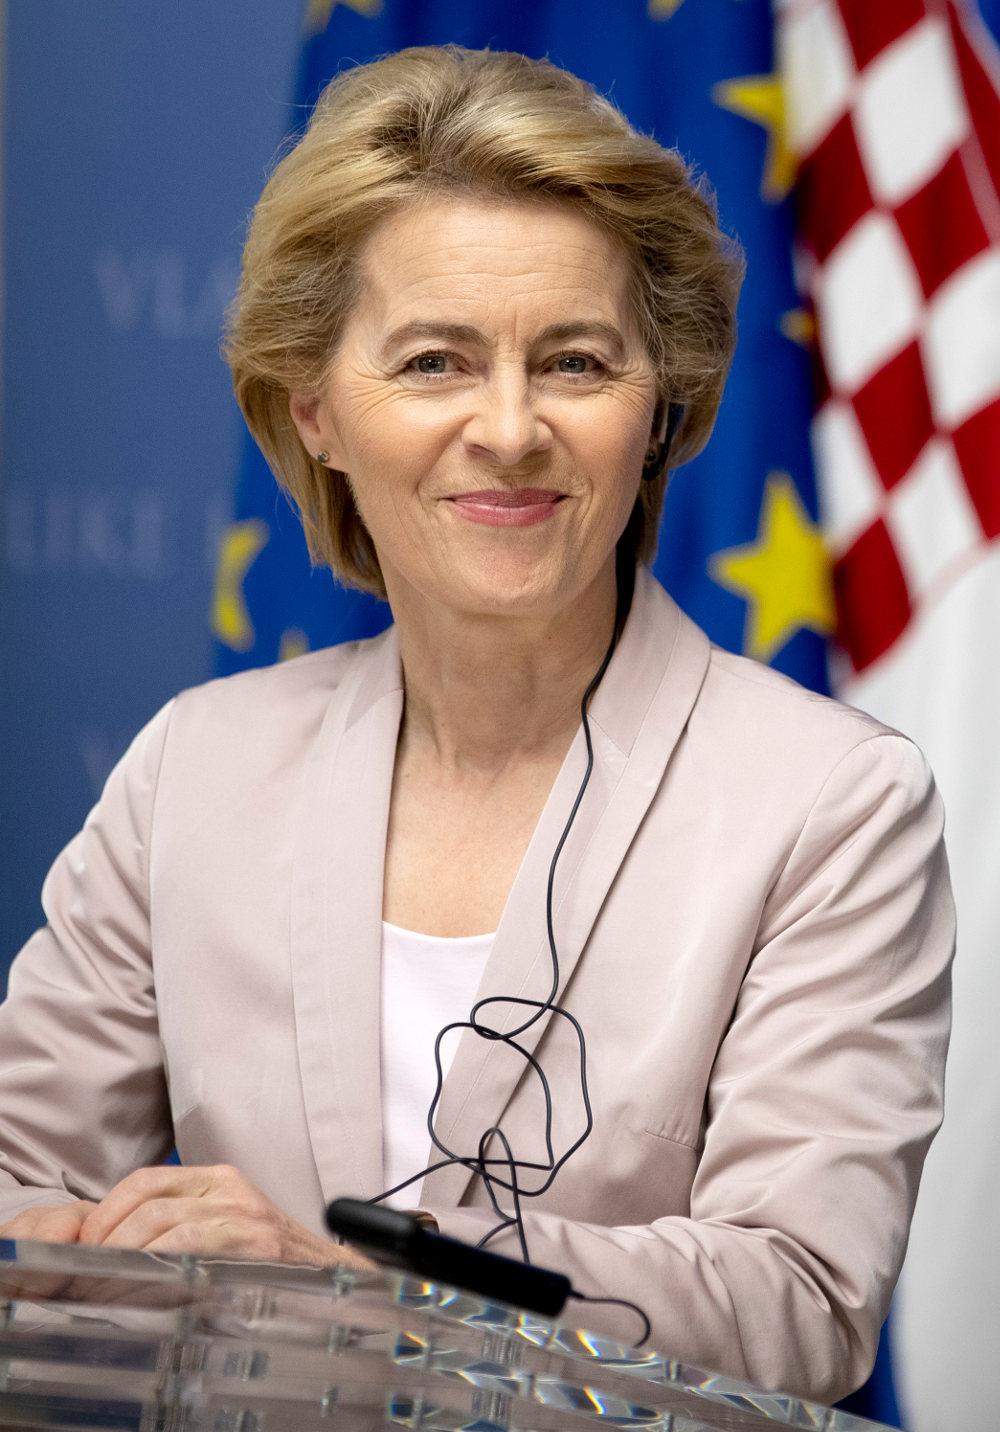 Η Ούρσουλα Φον Ντερ Λάιεν αναλαμβάνει επικεφαλής της Ευρωπαϊκής Επιτροπής